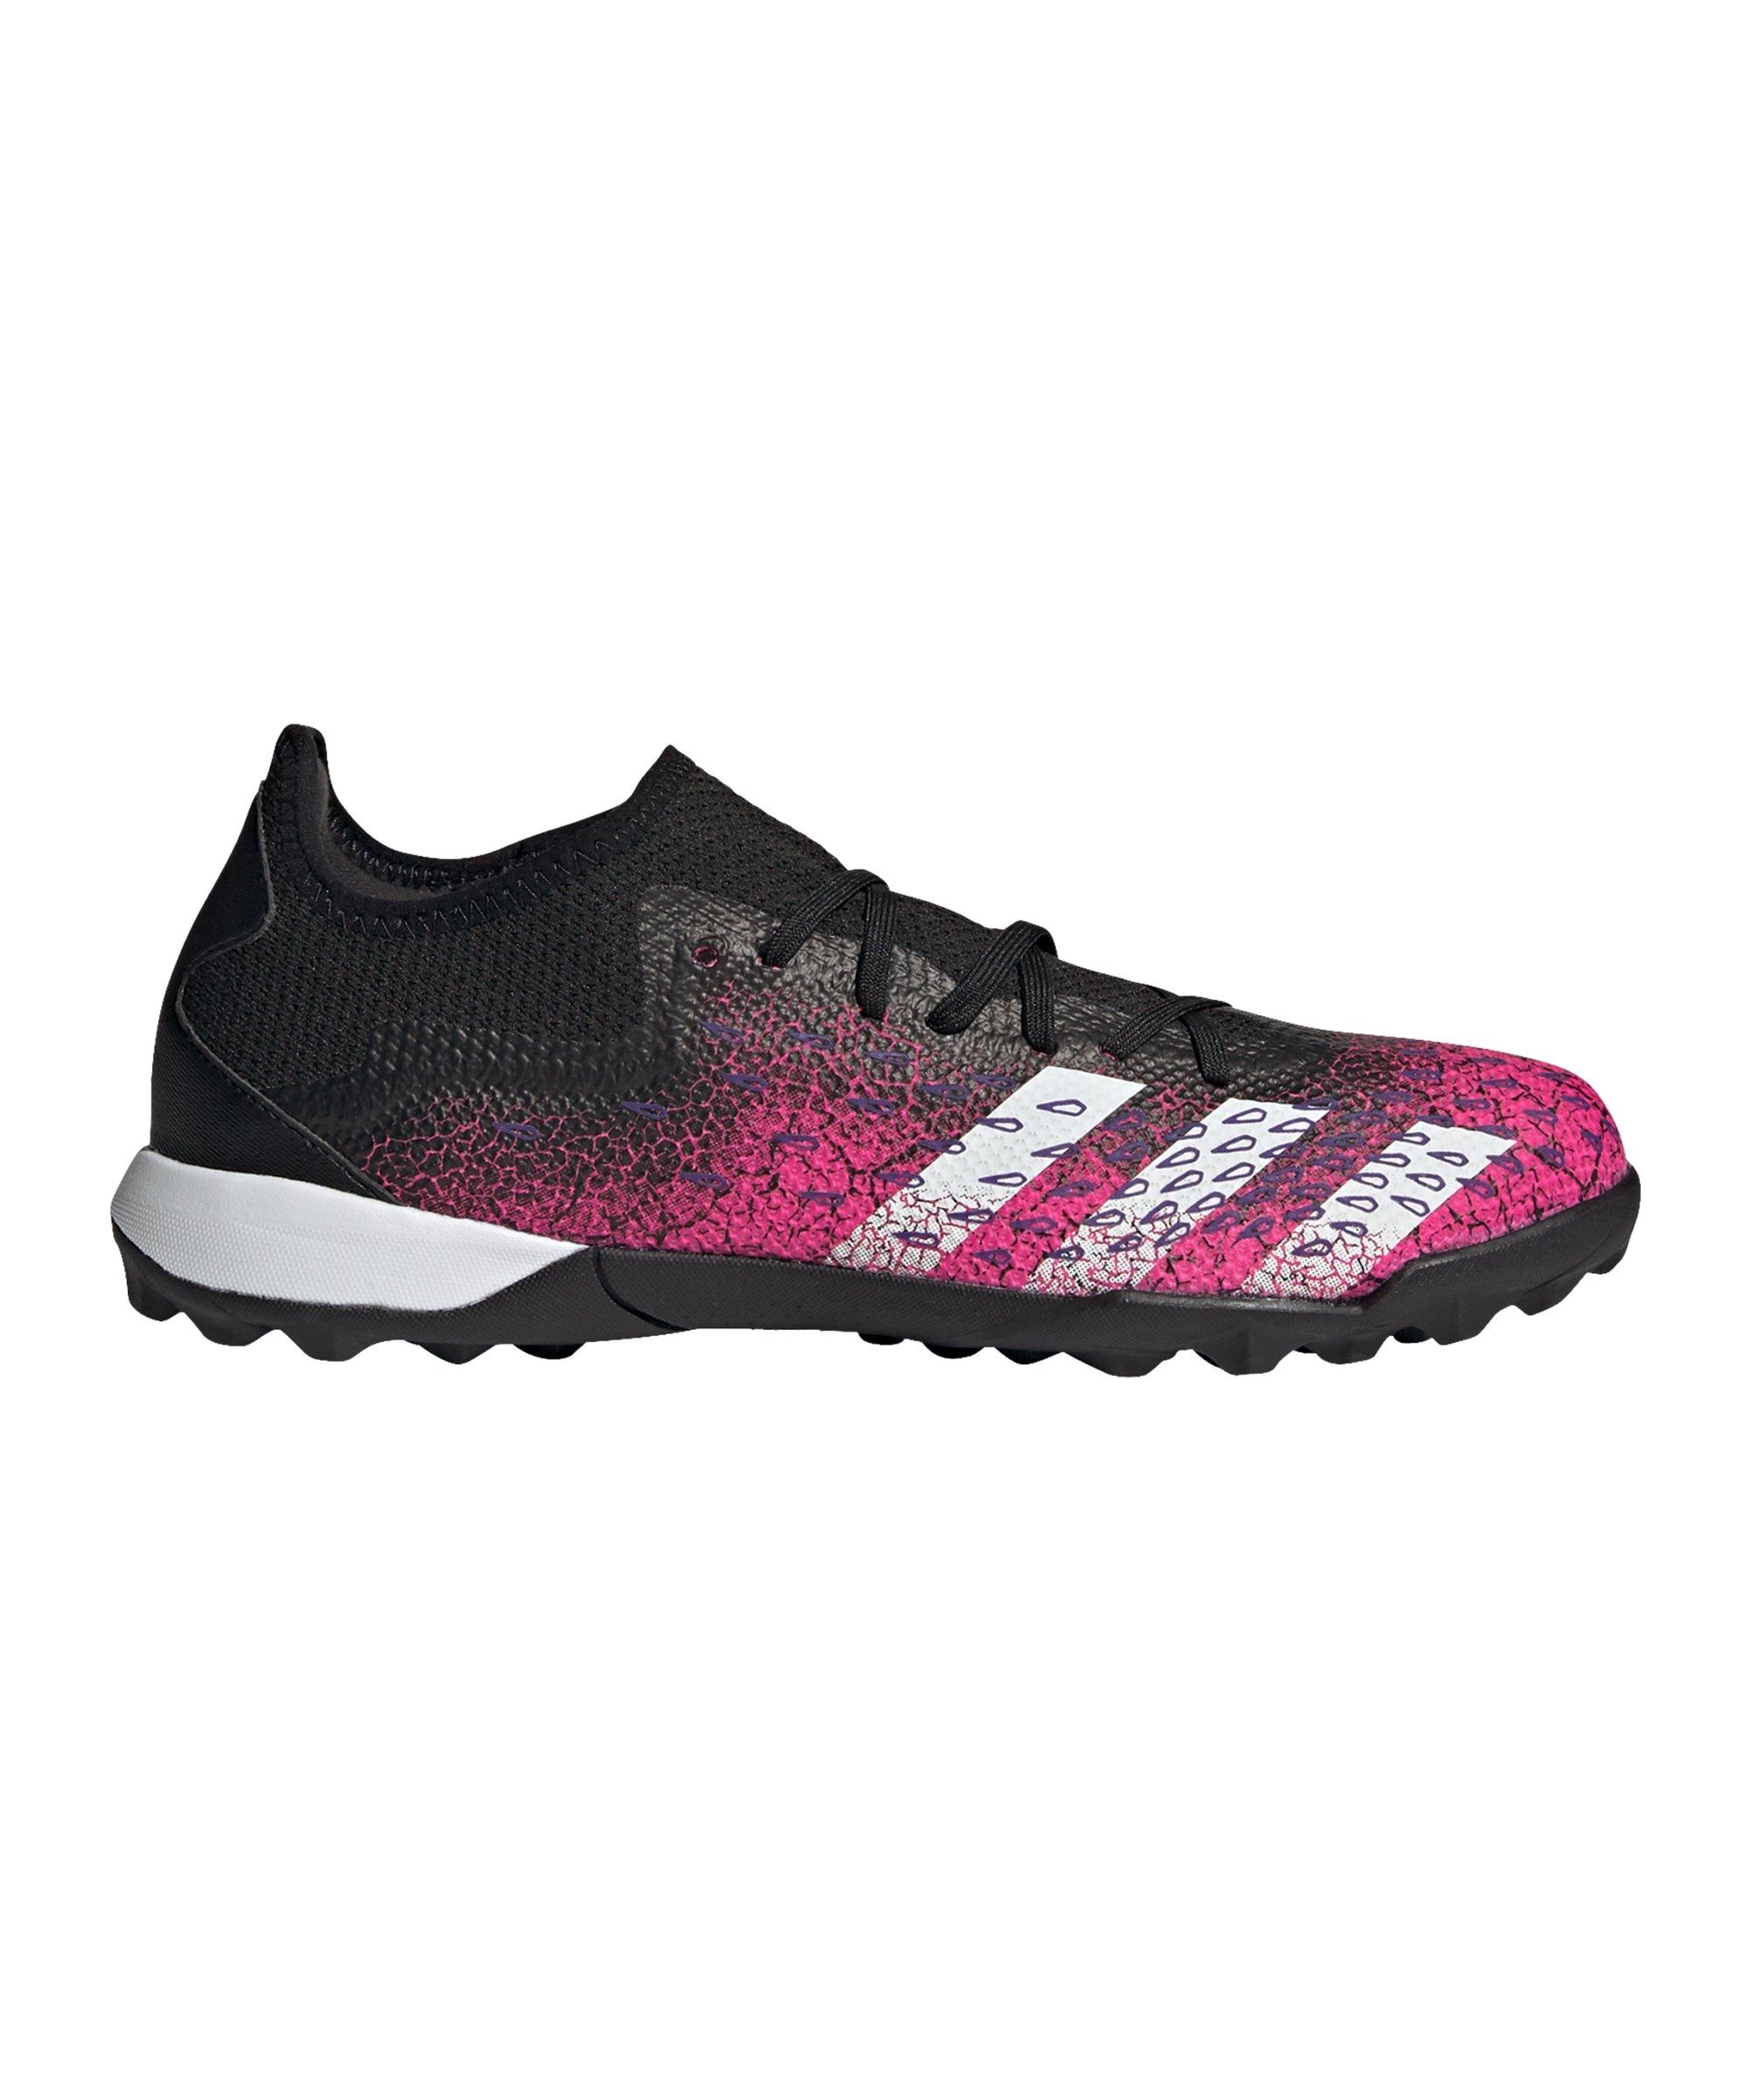 adidas Predator FREAK.3 L TF Superspectral Schwarz Weiss Pink - schwarz